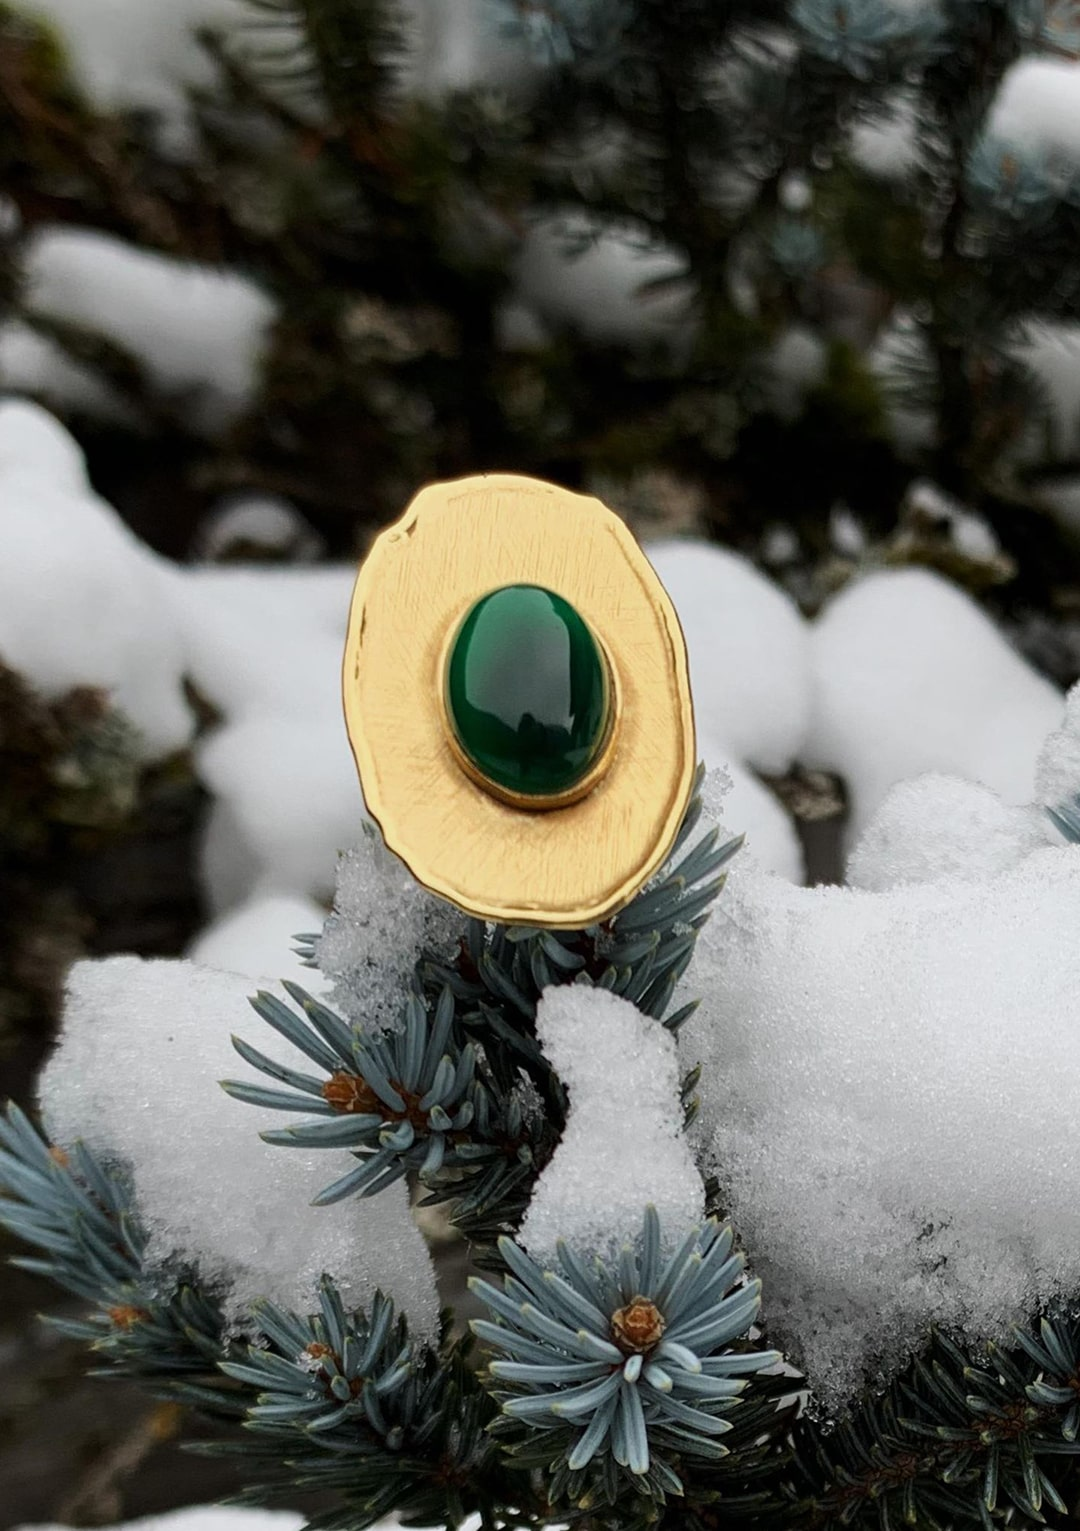 Bague réglable I cabochon de jade vert emeraude I argent massif doré à l'or 18 carats I Elliade Paris I vue de face I Label AÉ Paris